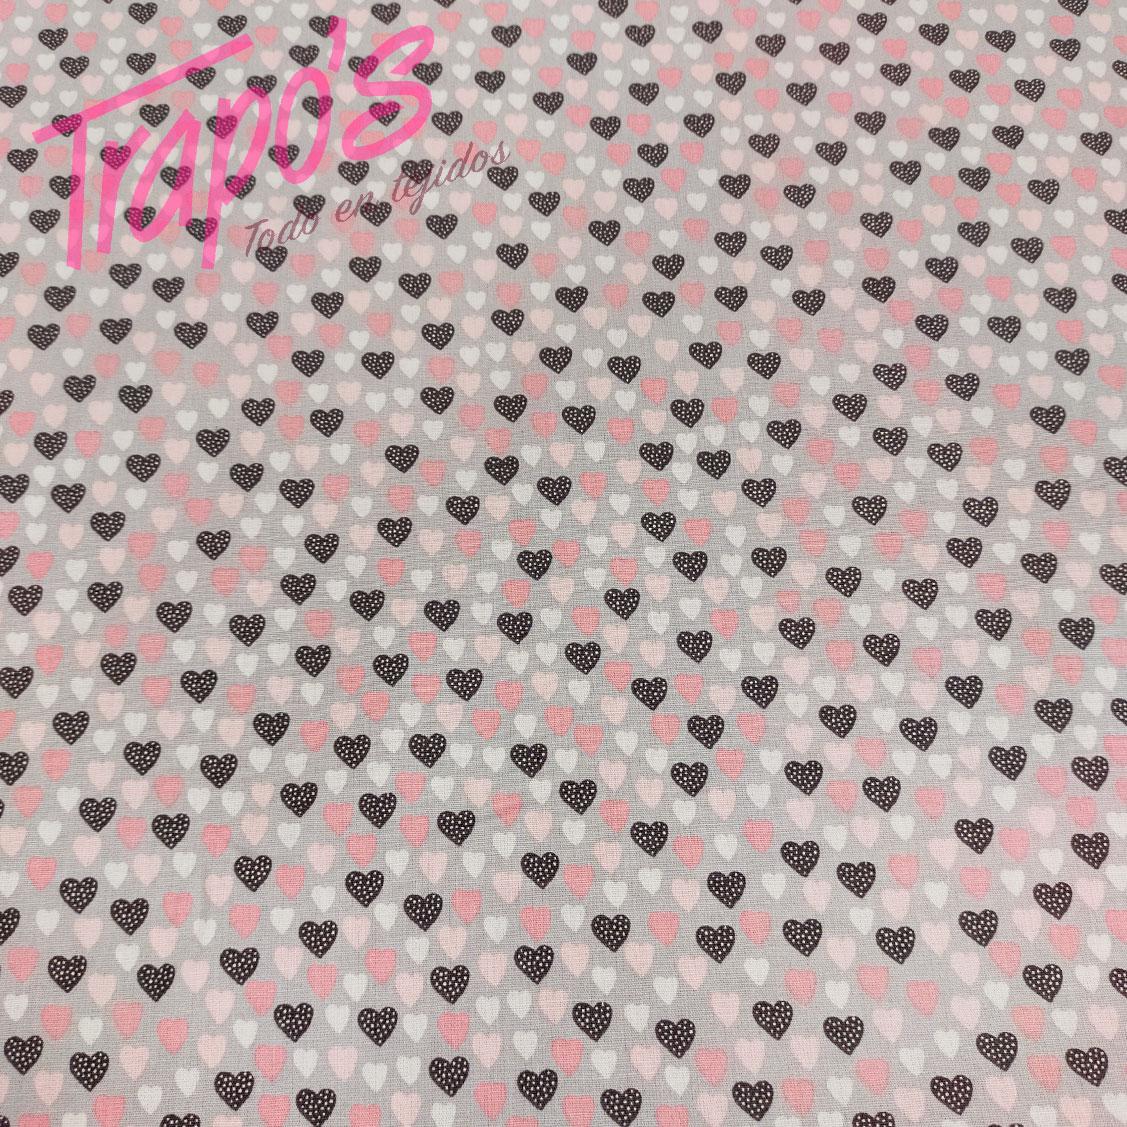 corazon-negro-y-rosa2